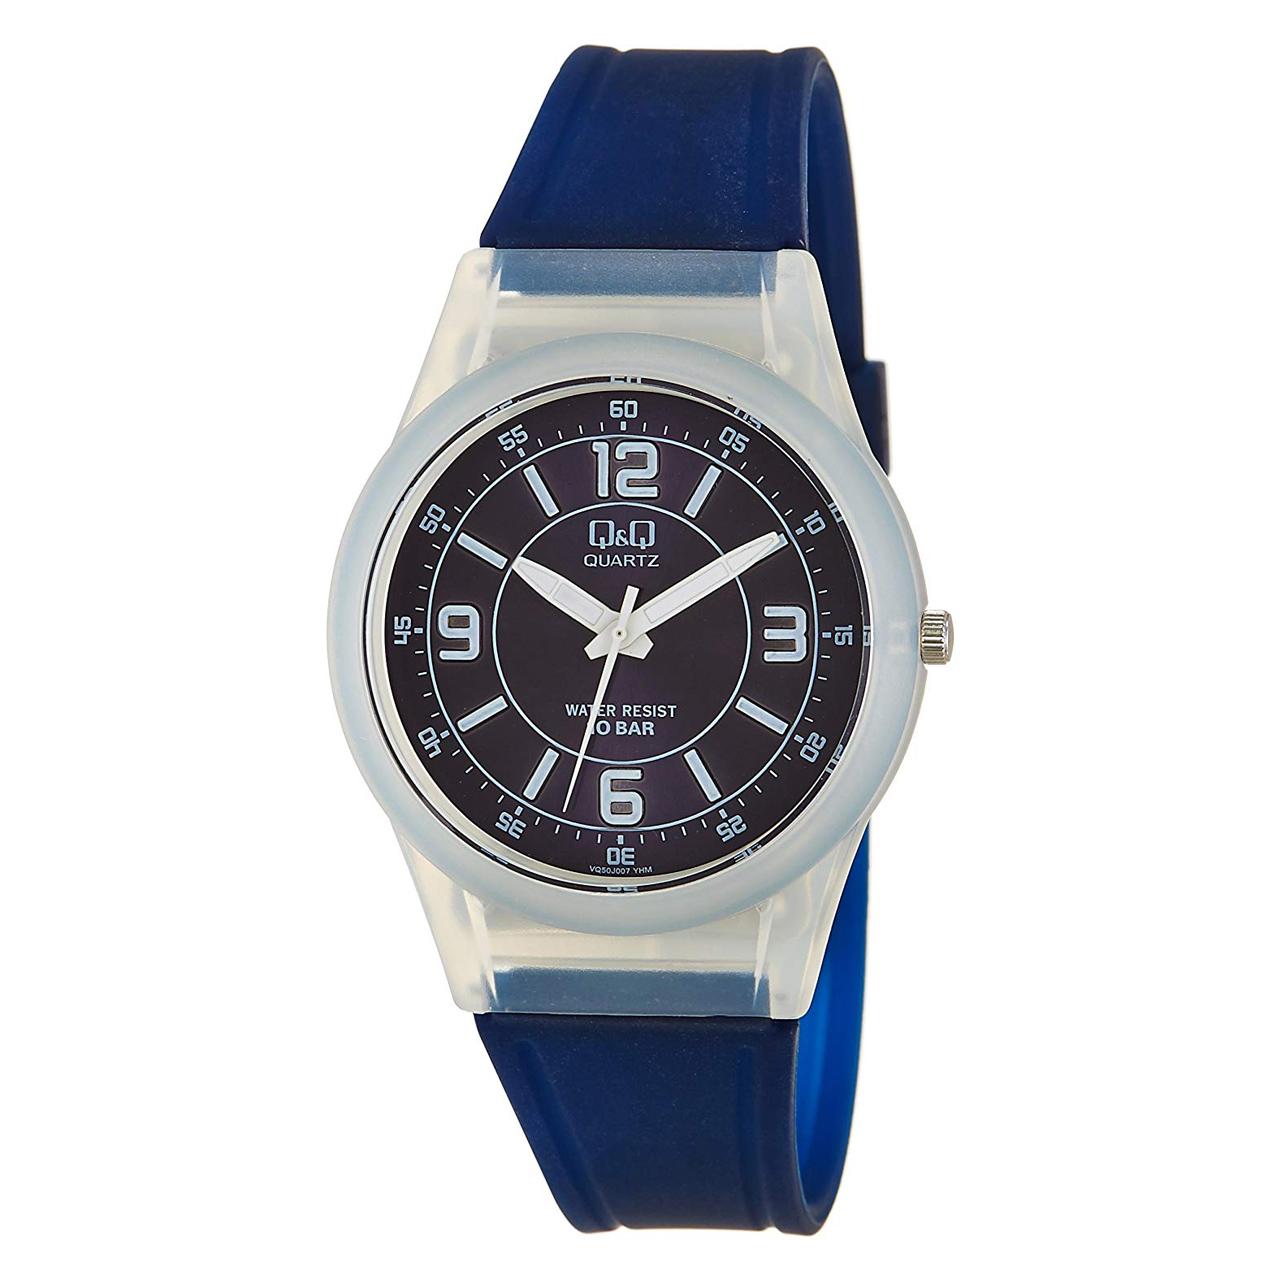 ساعت مچی عقربه ای کیو اند کیو مدل vq50j007y به همراه دستمال مخصوص برند کلین واچ